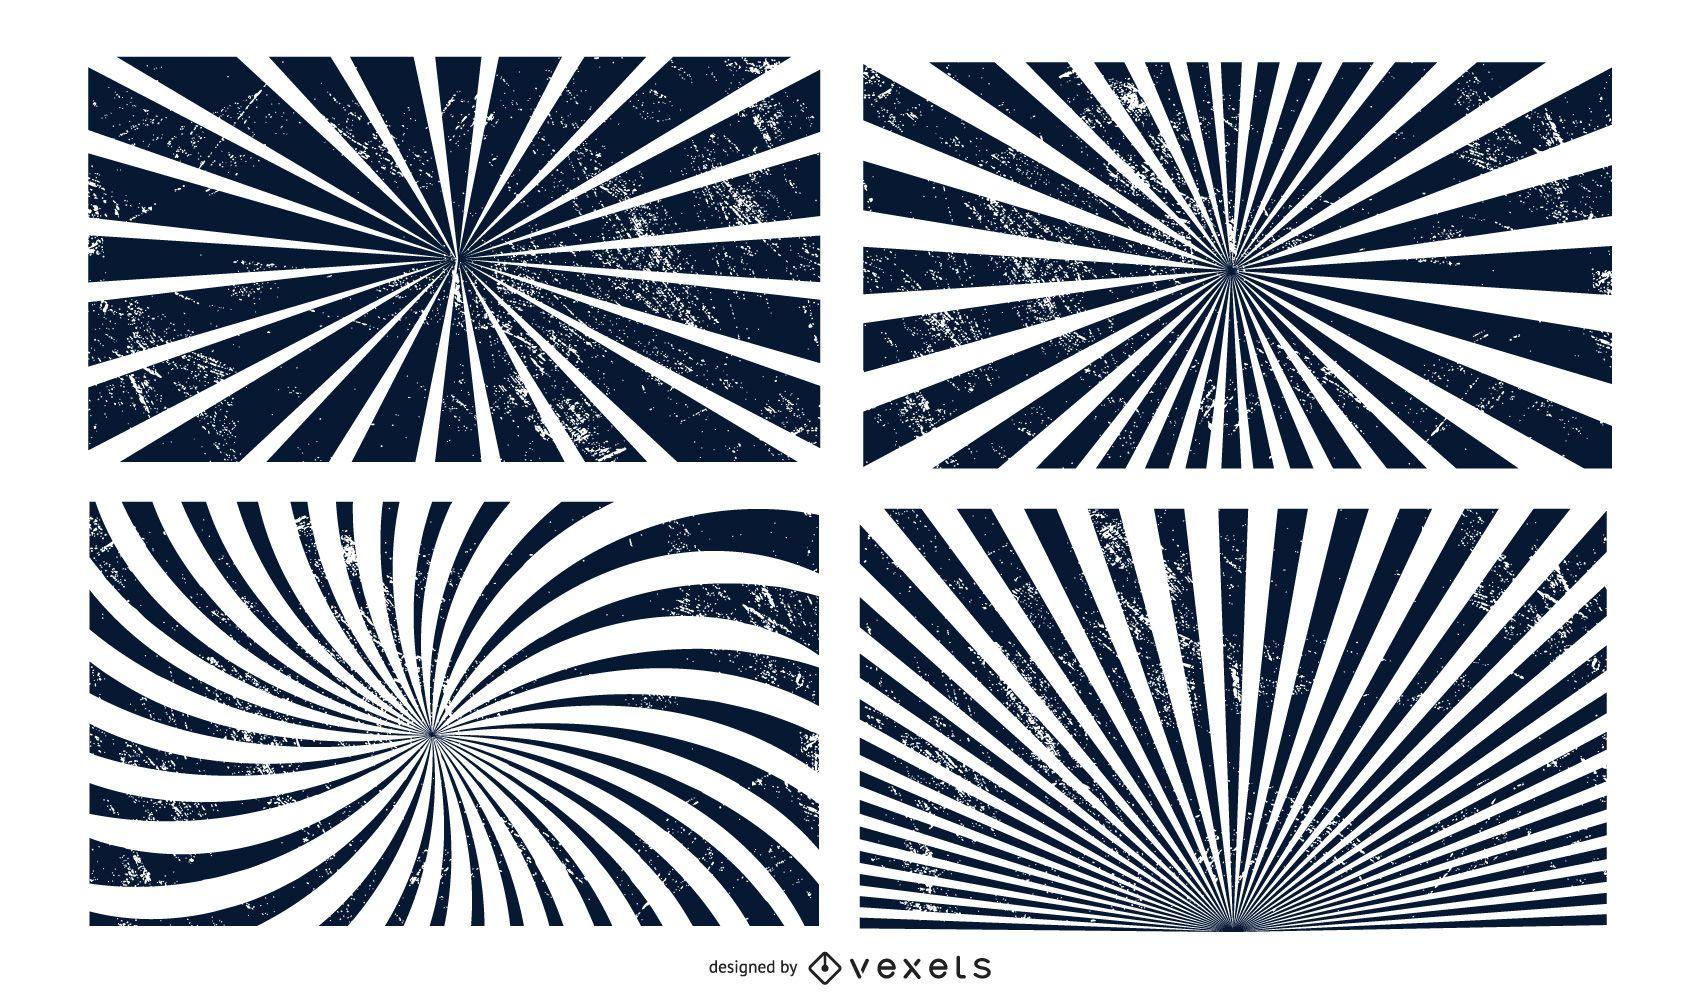 Paquete de vectores Grunge Sunburst